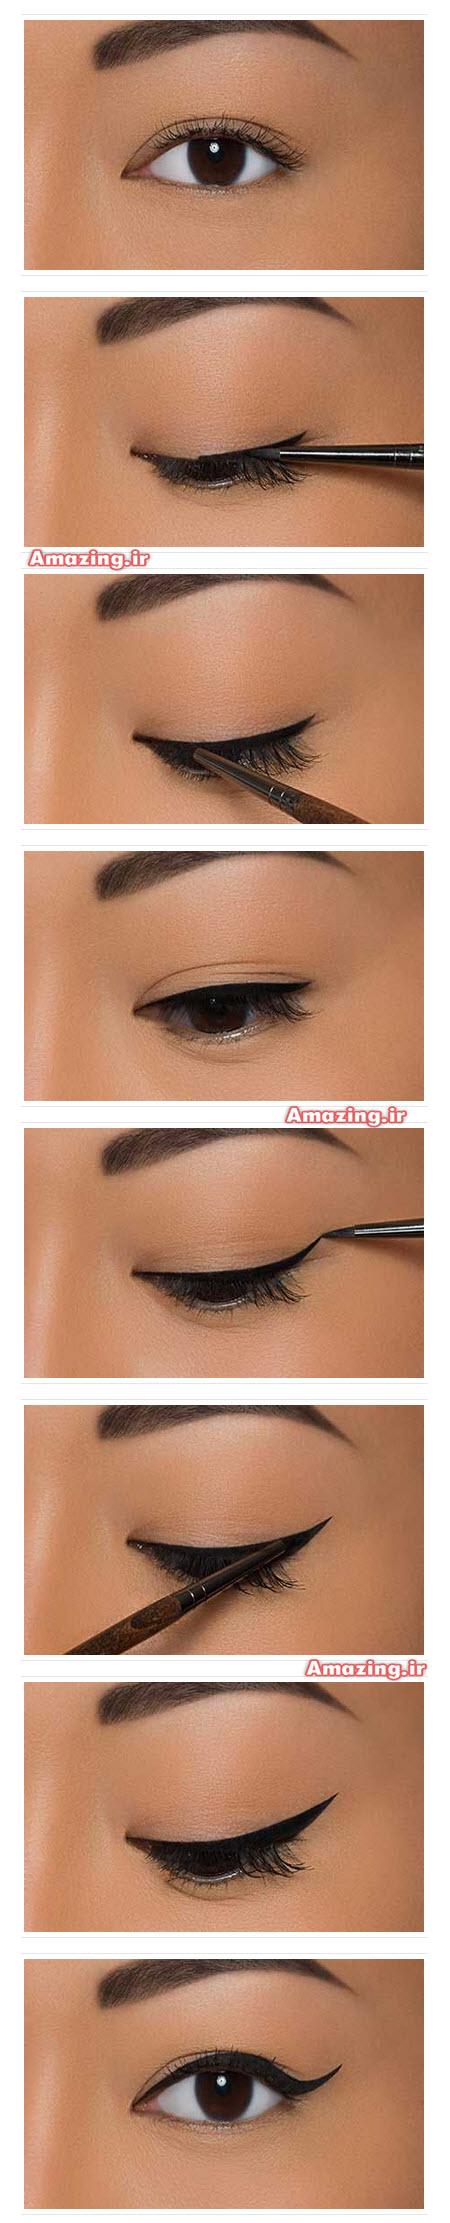 خط چشم , مدل خط چشم ,آموزش خط چشم ,